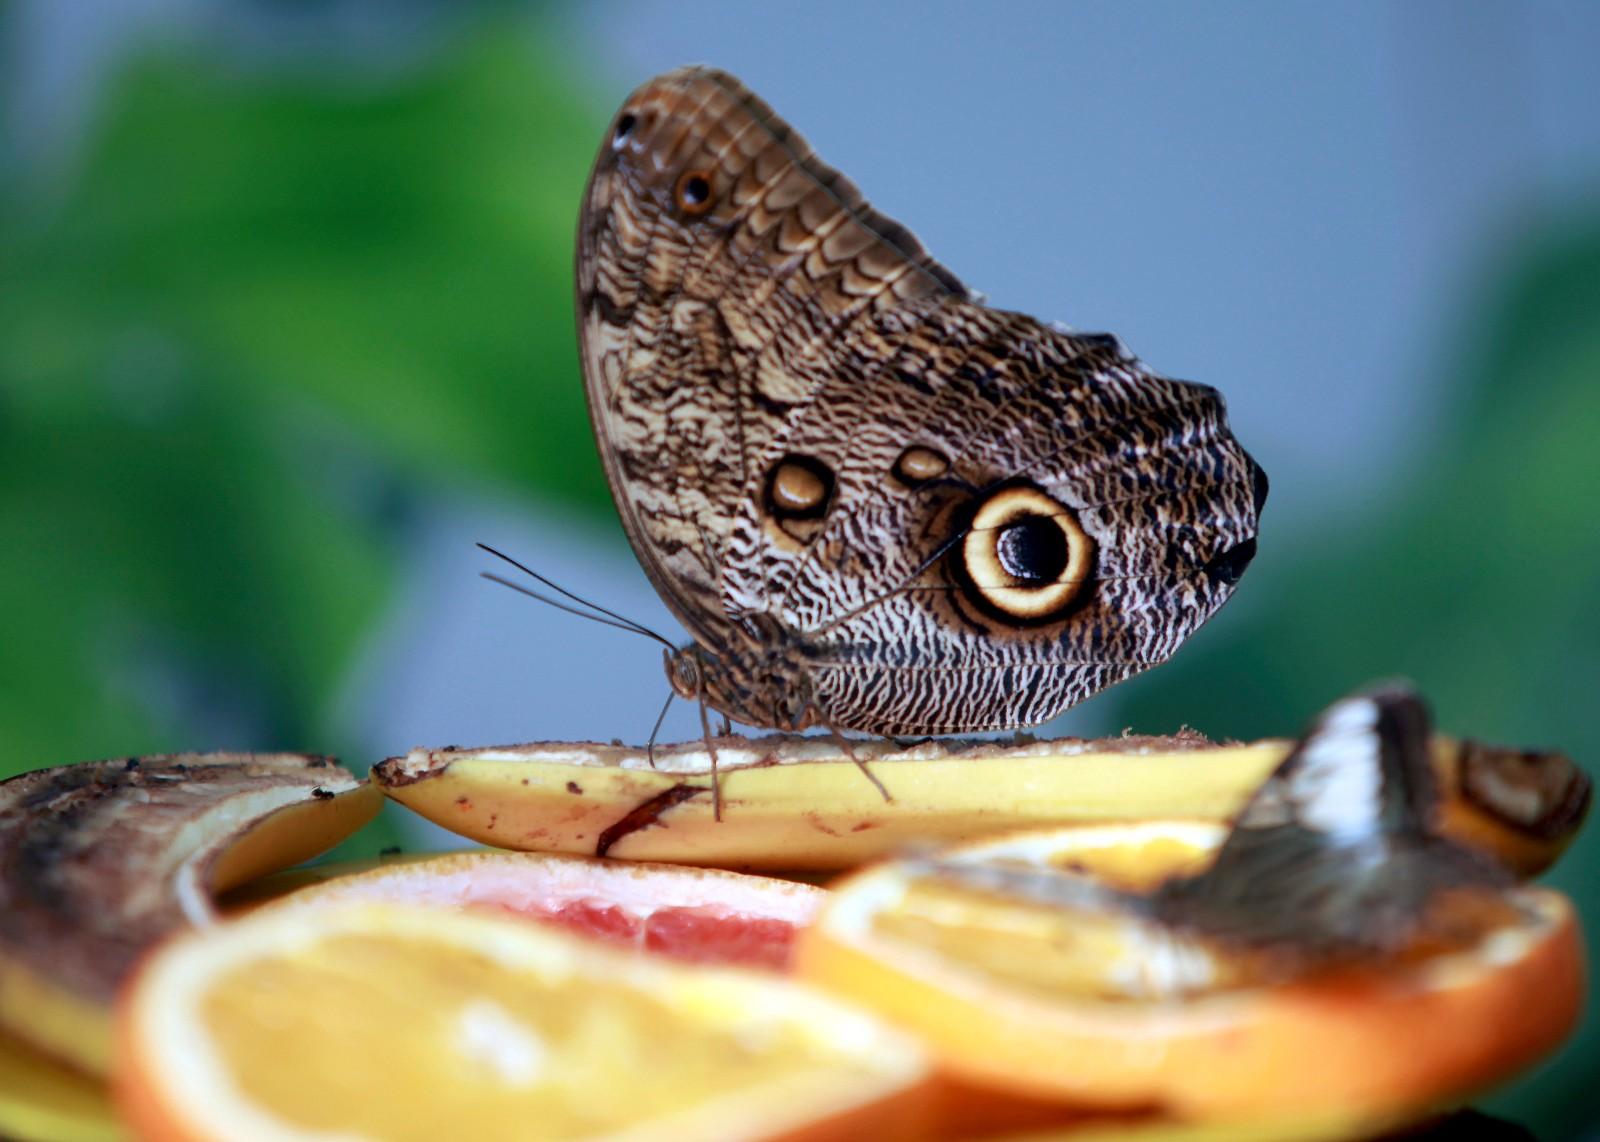 这是5月13日在拉脱维亚的特尔维特蝴蝶园拍摄的一只黄裳猫头鹰环蝶。  特尔维特的蝴蝶园养殖有来自亚洲、南美洲和非洲的各种珍稀蝴蝶。  新华社/欧新